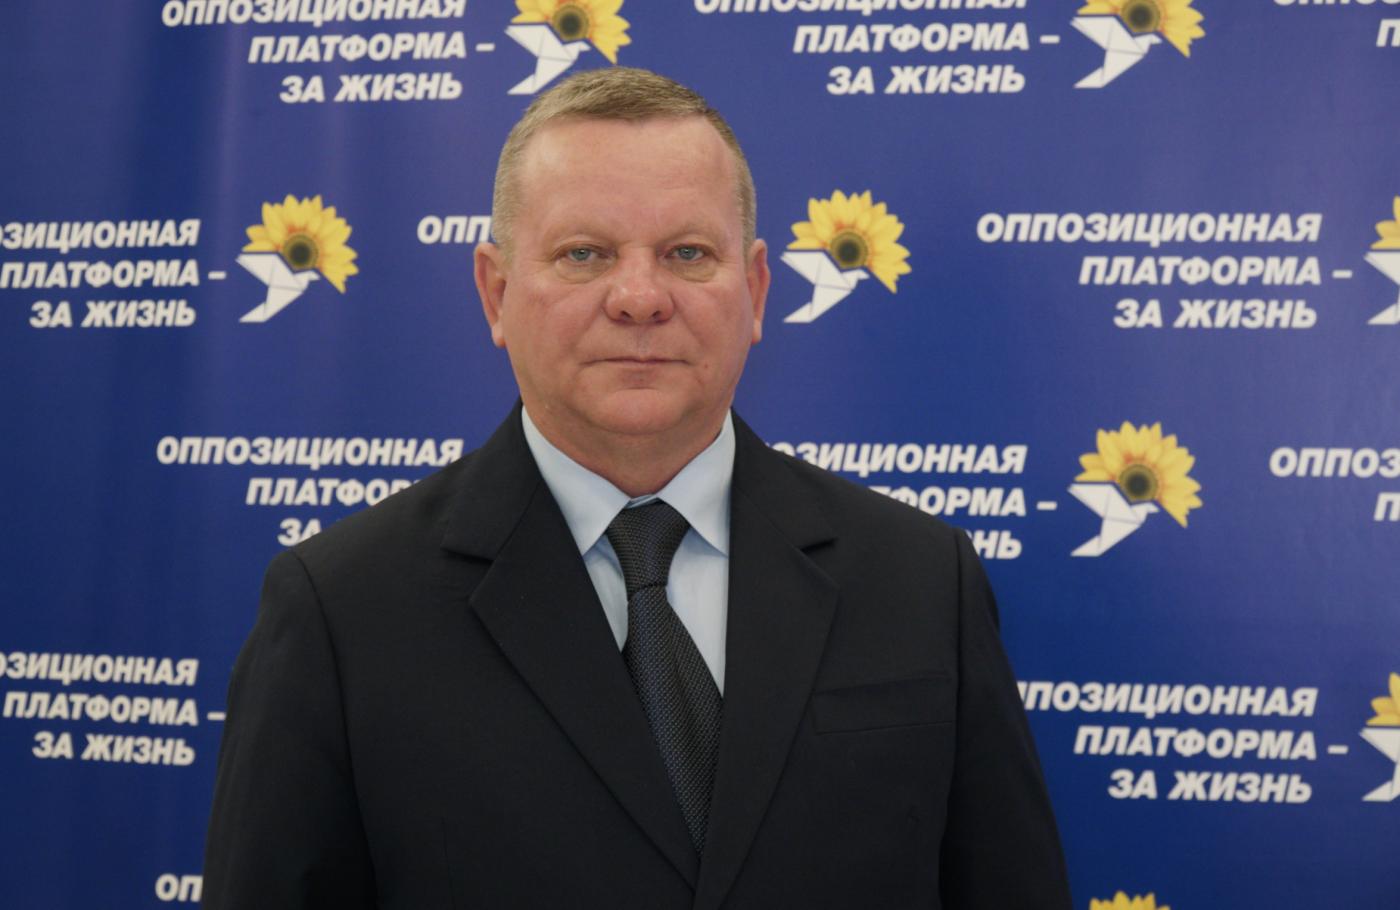 У Слов'янську запропонували ще одну кандидатуру на посаду секретаря міськради, фото-1